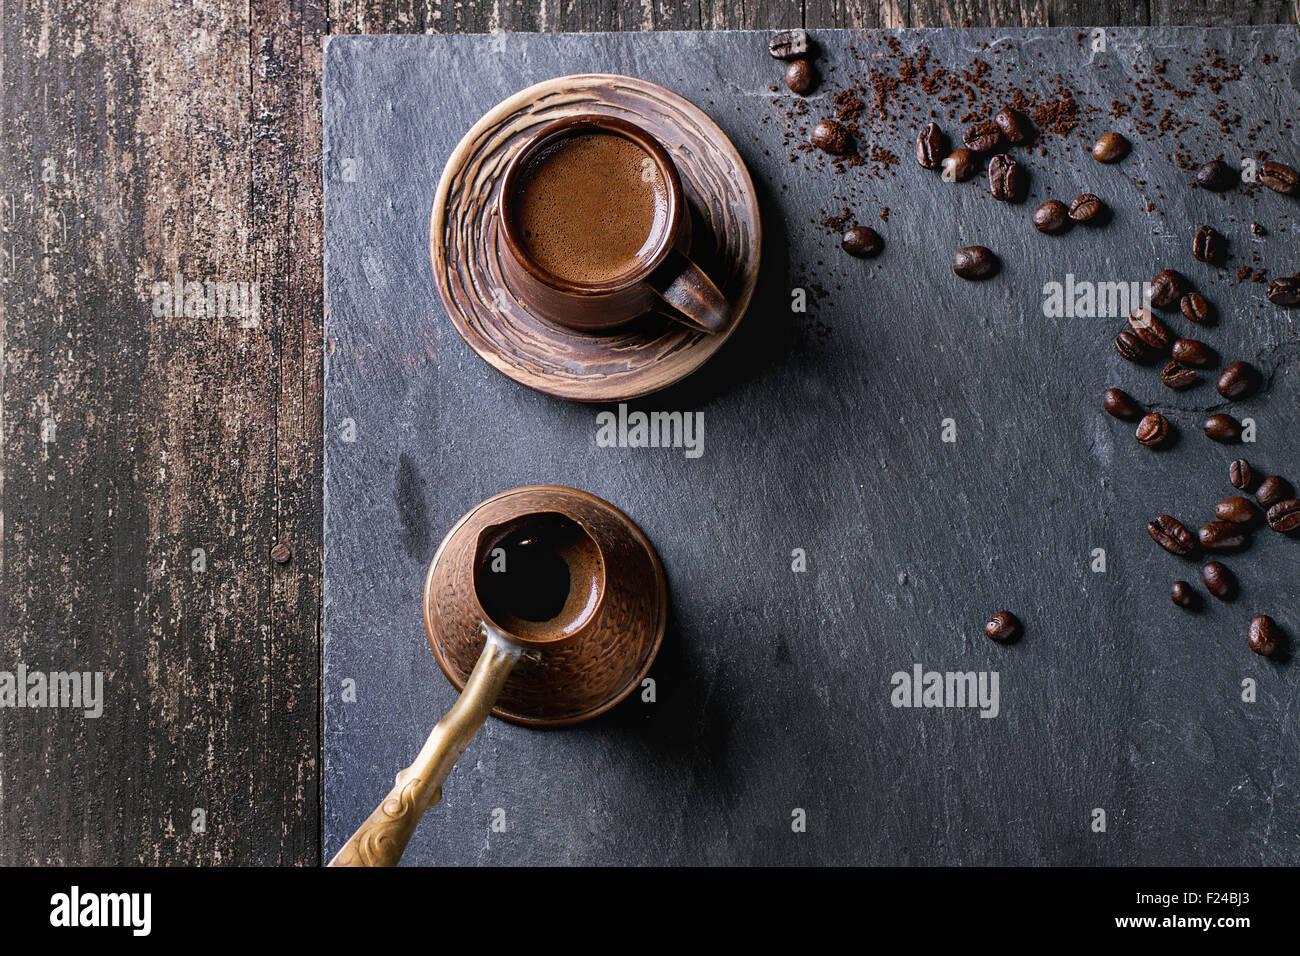 Ceramica marrone tazza di caffè, rame antico cezve e i chicchi di caffè. Oltre nero ardesia come sfondo. Immagini Stock